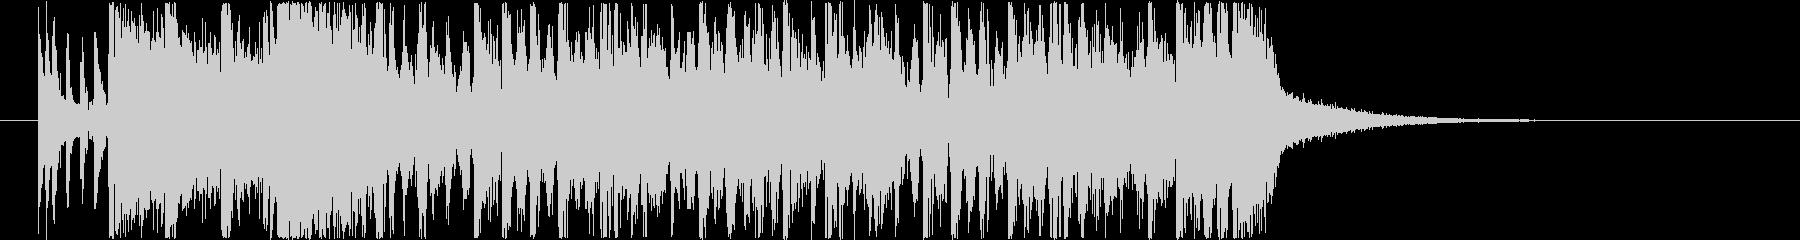 場面転換などに使えるジングル1の未再生の波形